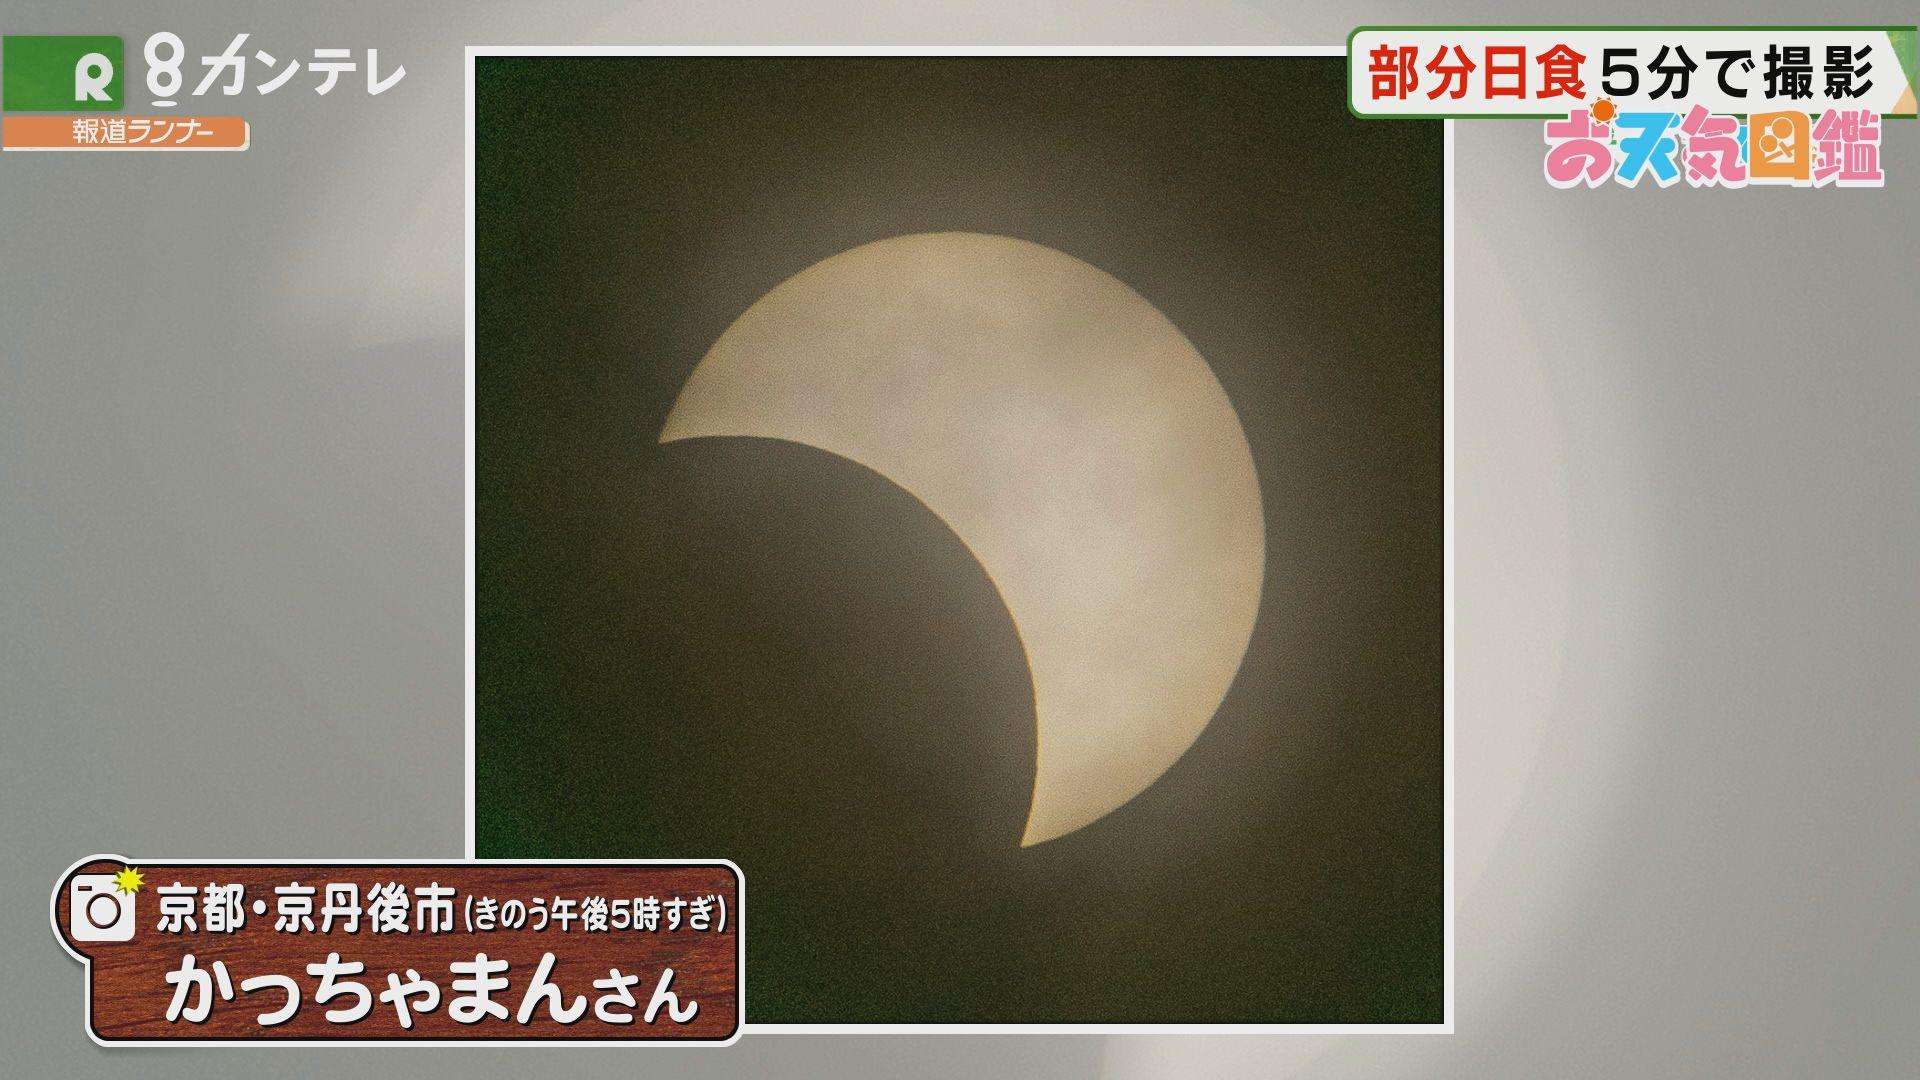 「部分日食 5分で撮影」(京都・京丹後市)